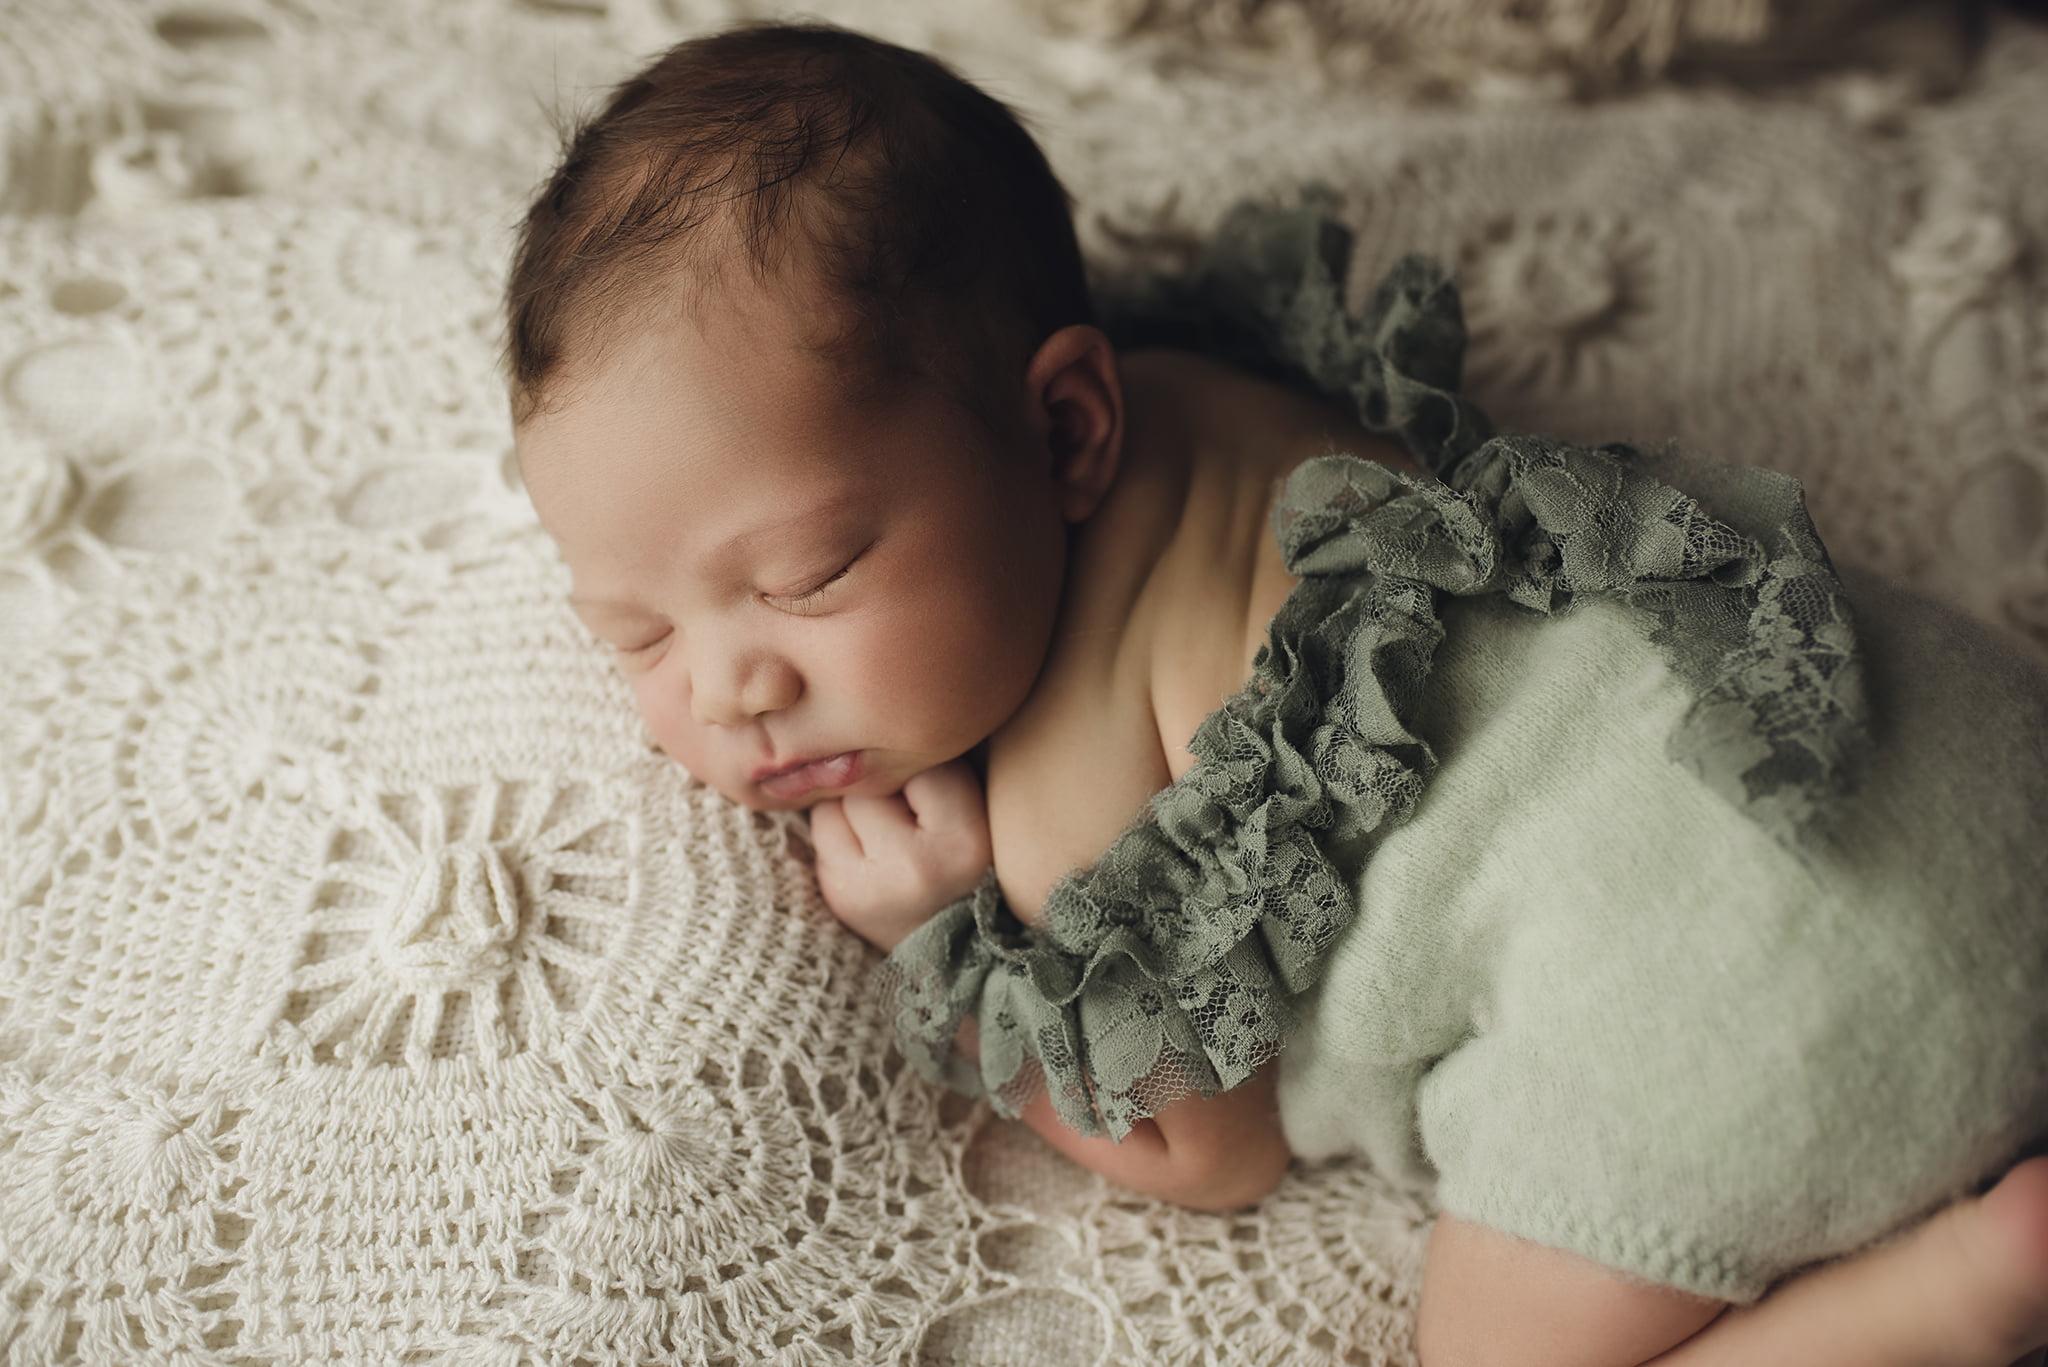 Nyföddfotografering Stockholm - Celine 1